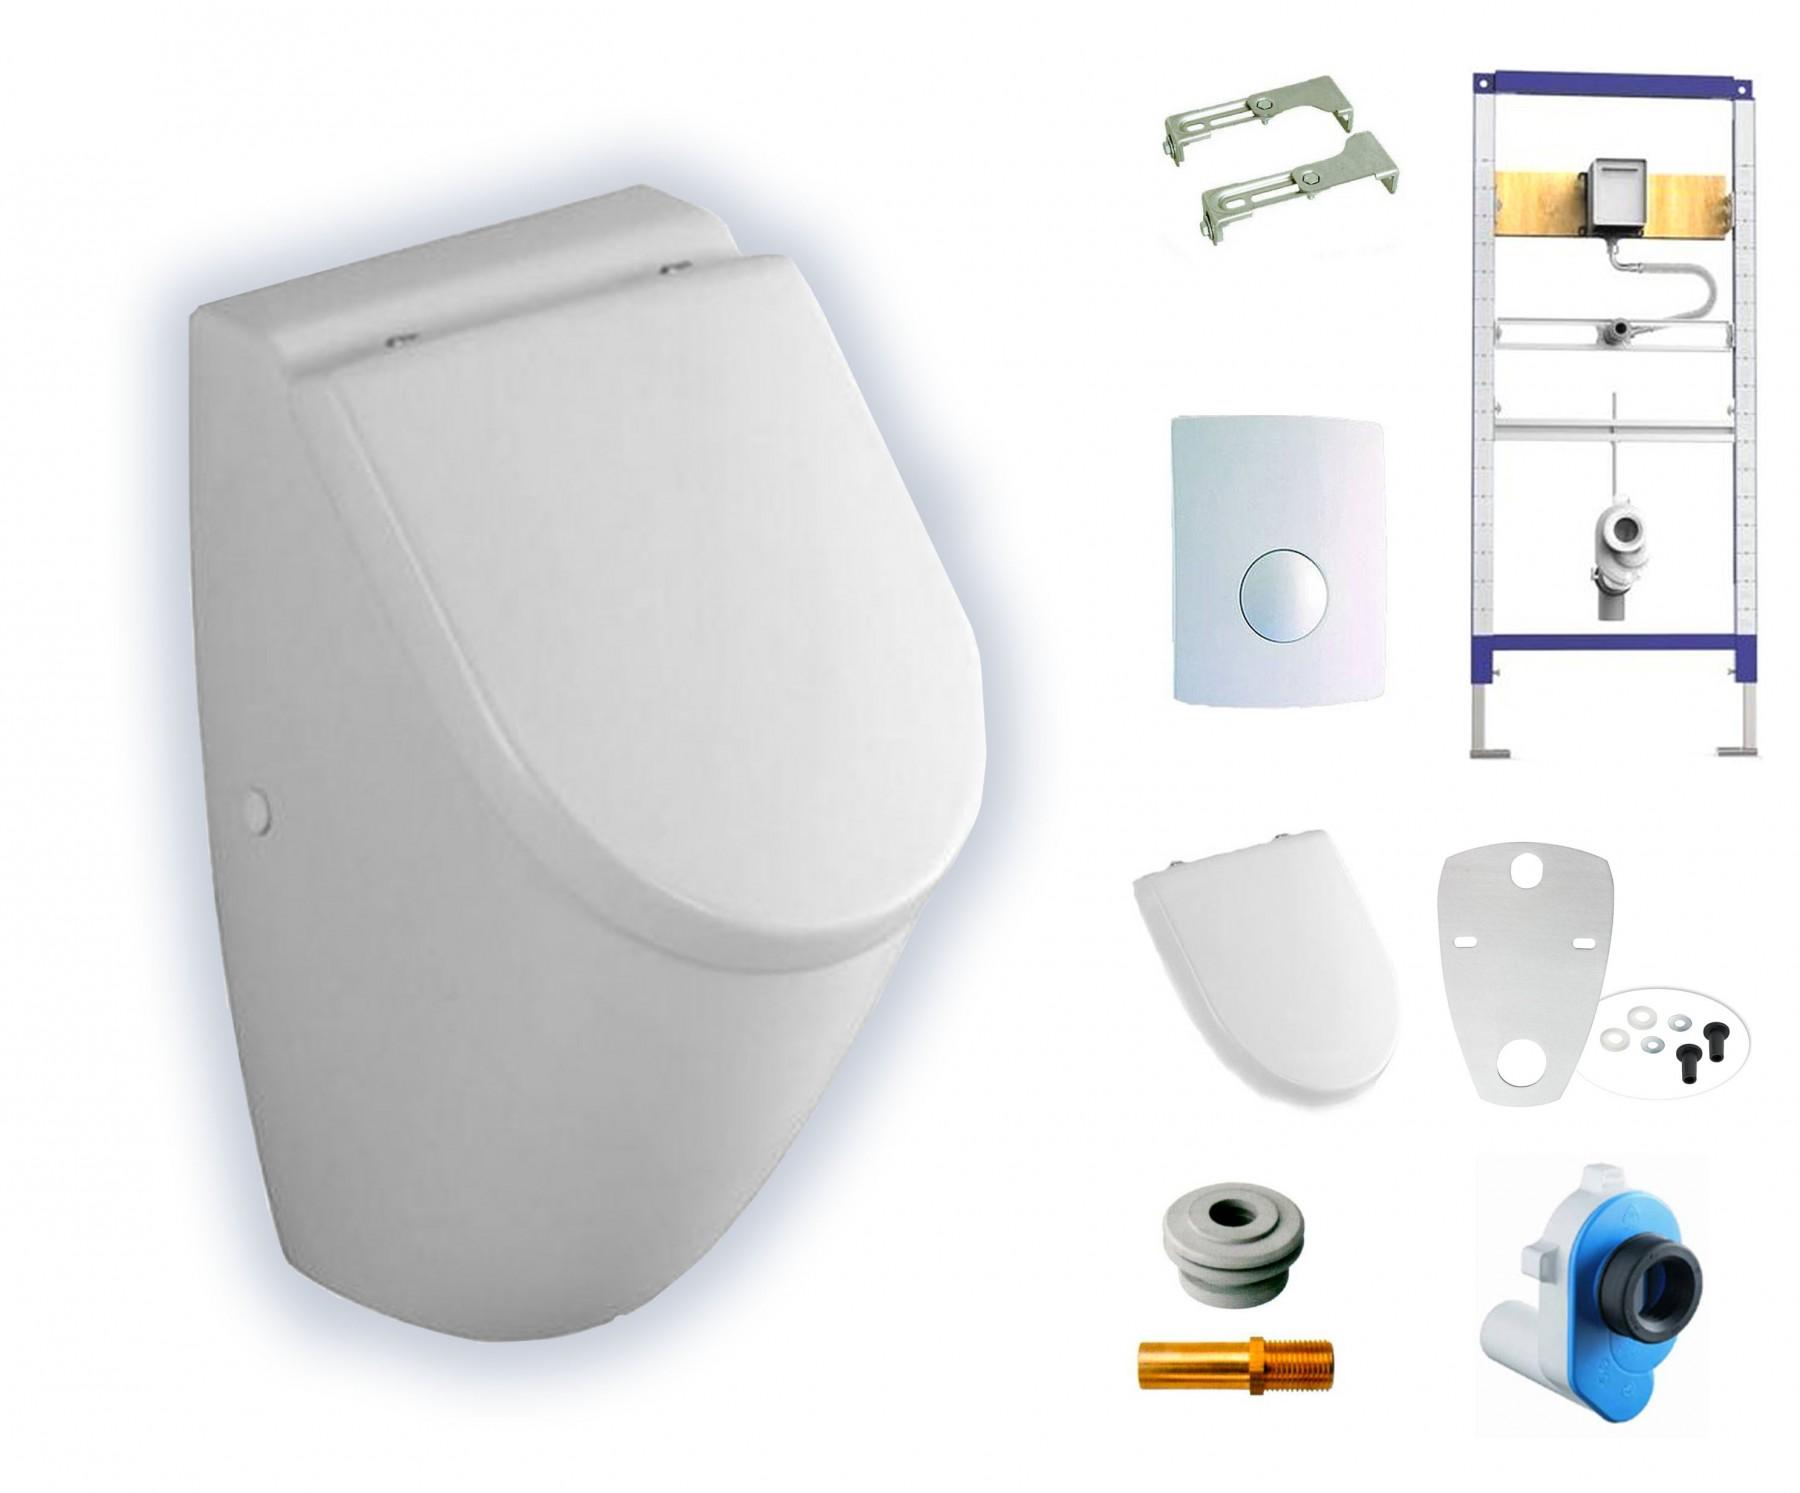 villeroy boch subway absaug urinal set mit deckel wei alpin mit beschichtung 751301r1. Black Bedroom Furniture Sets. Home Design Ideas